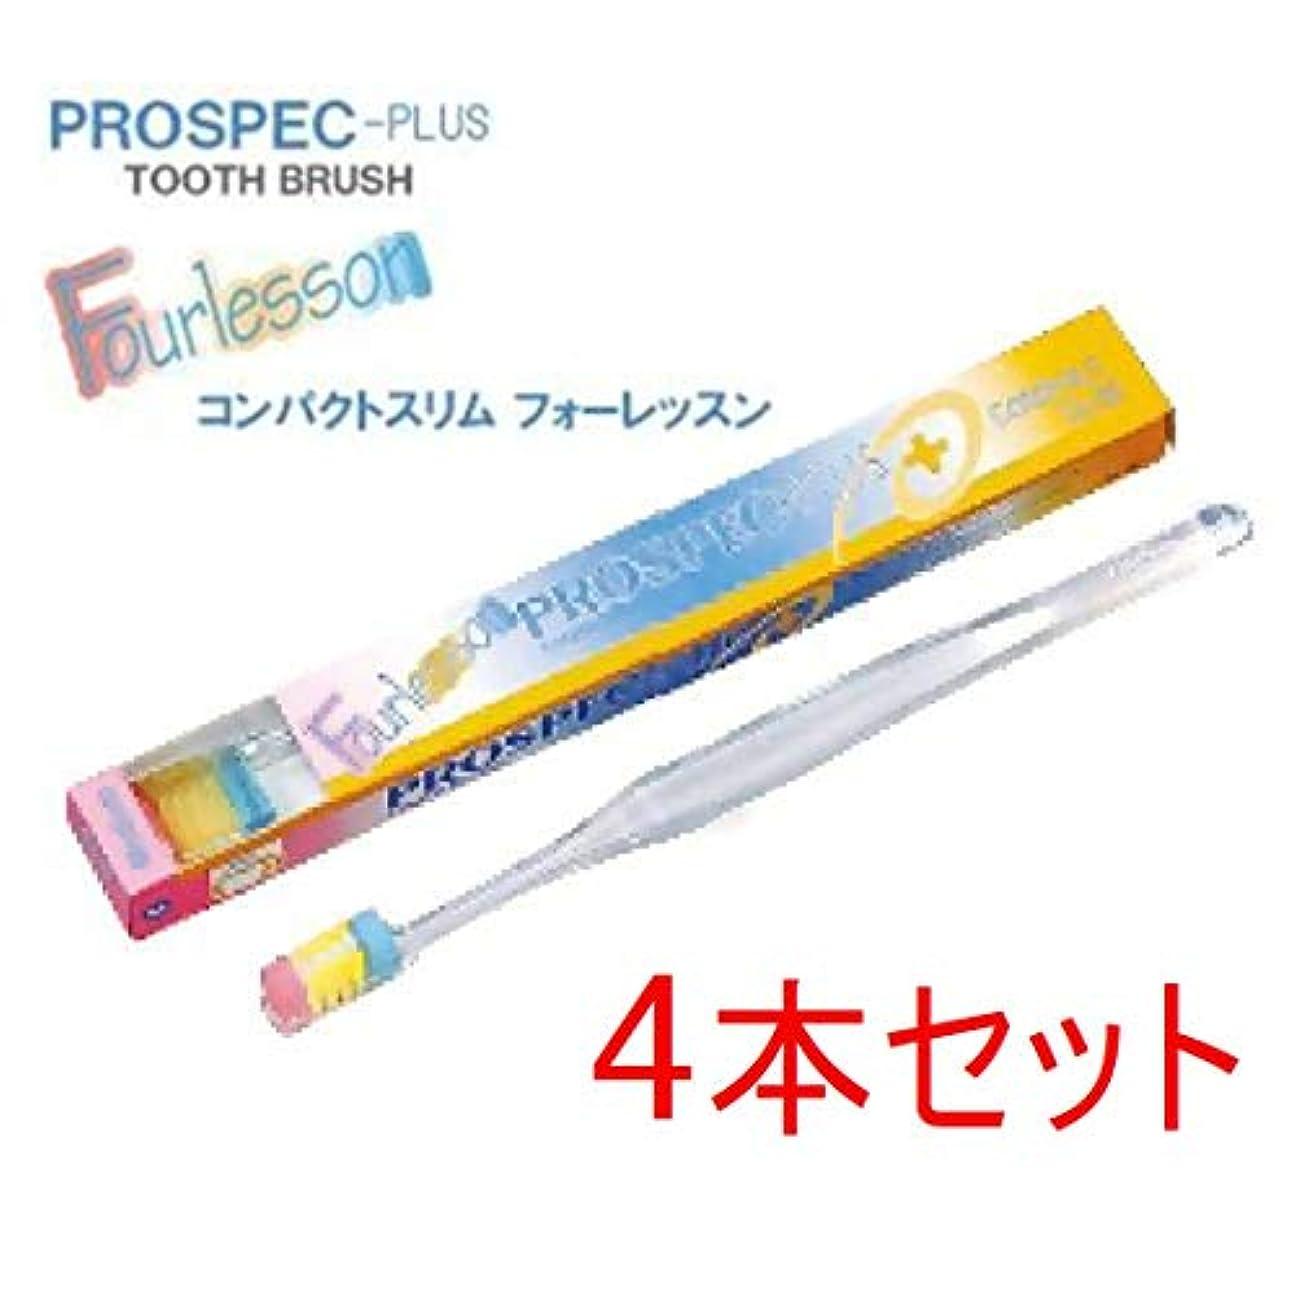 運命信じるせせらぎプロスペック 歯ブラシ コンパクトスリム 4本 フォーレッスン 毛の硬さ ふつう